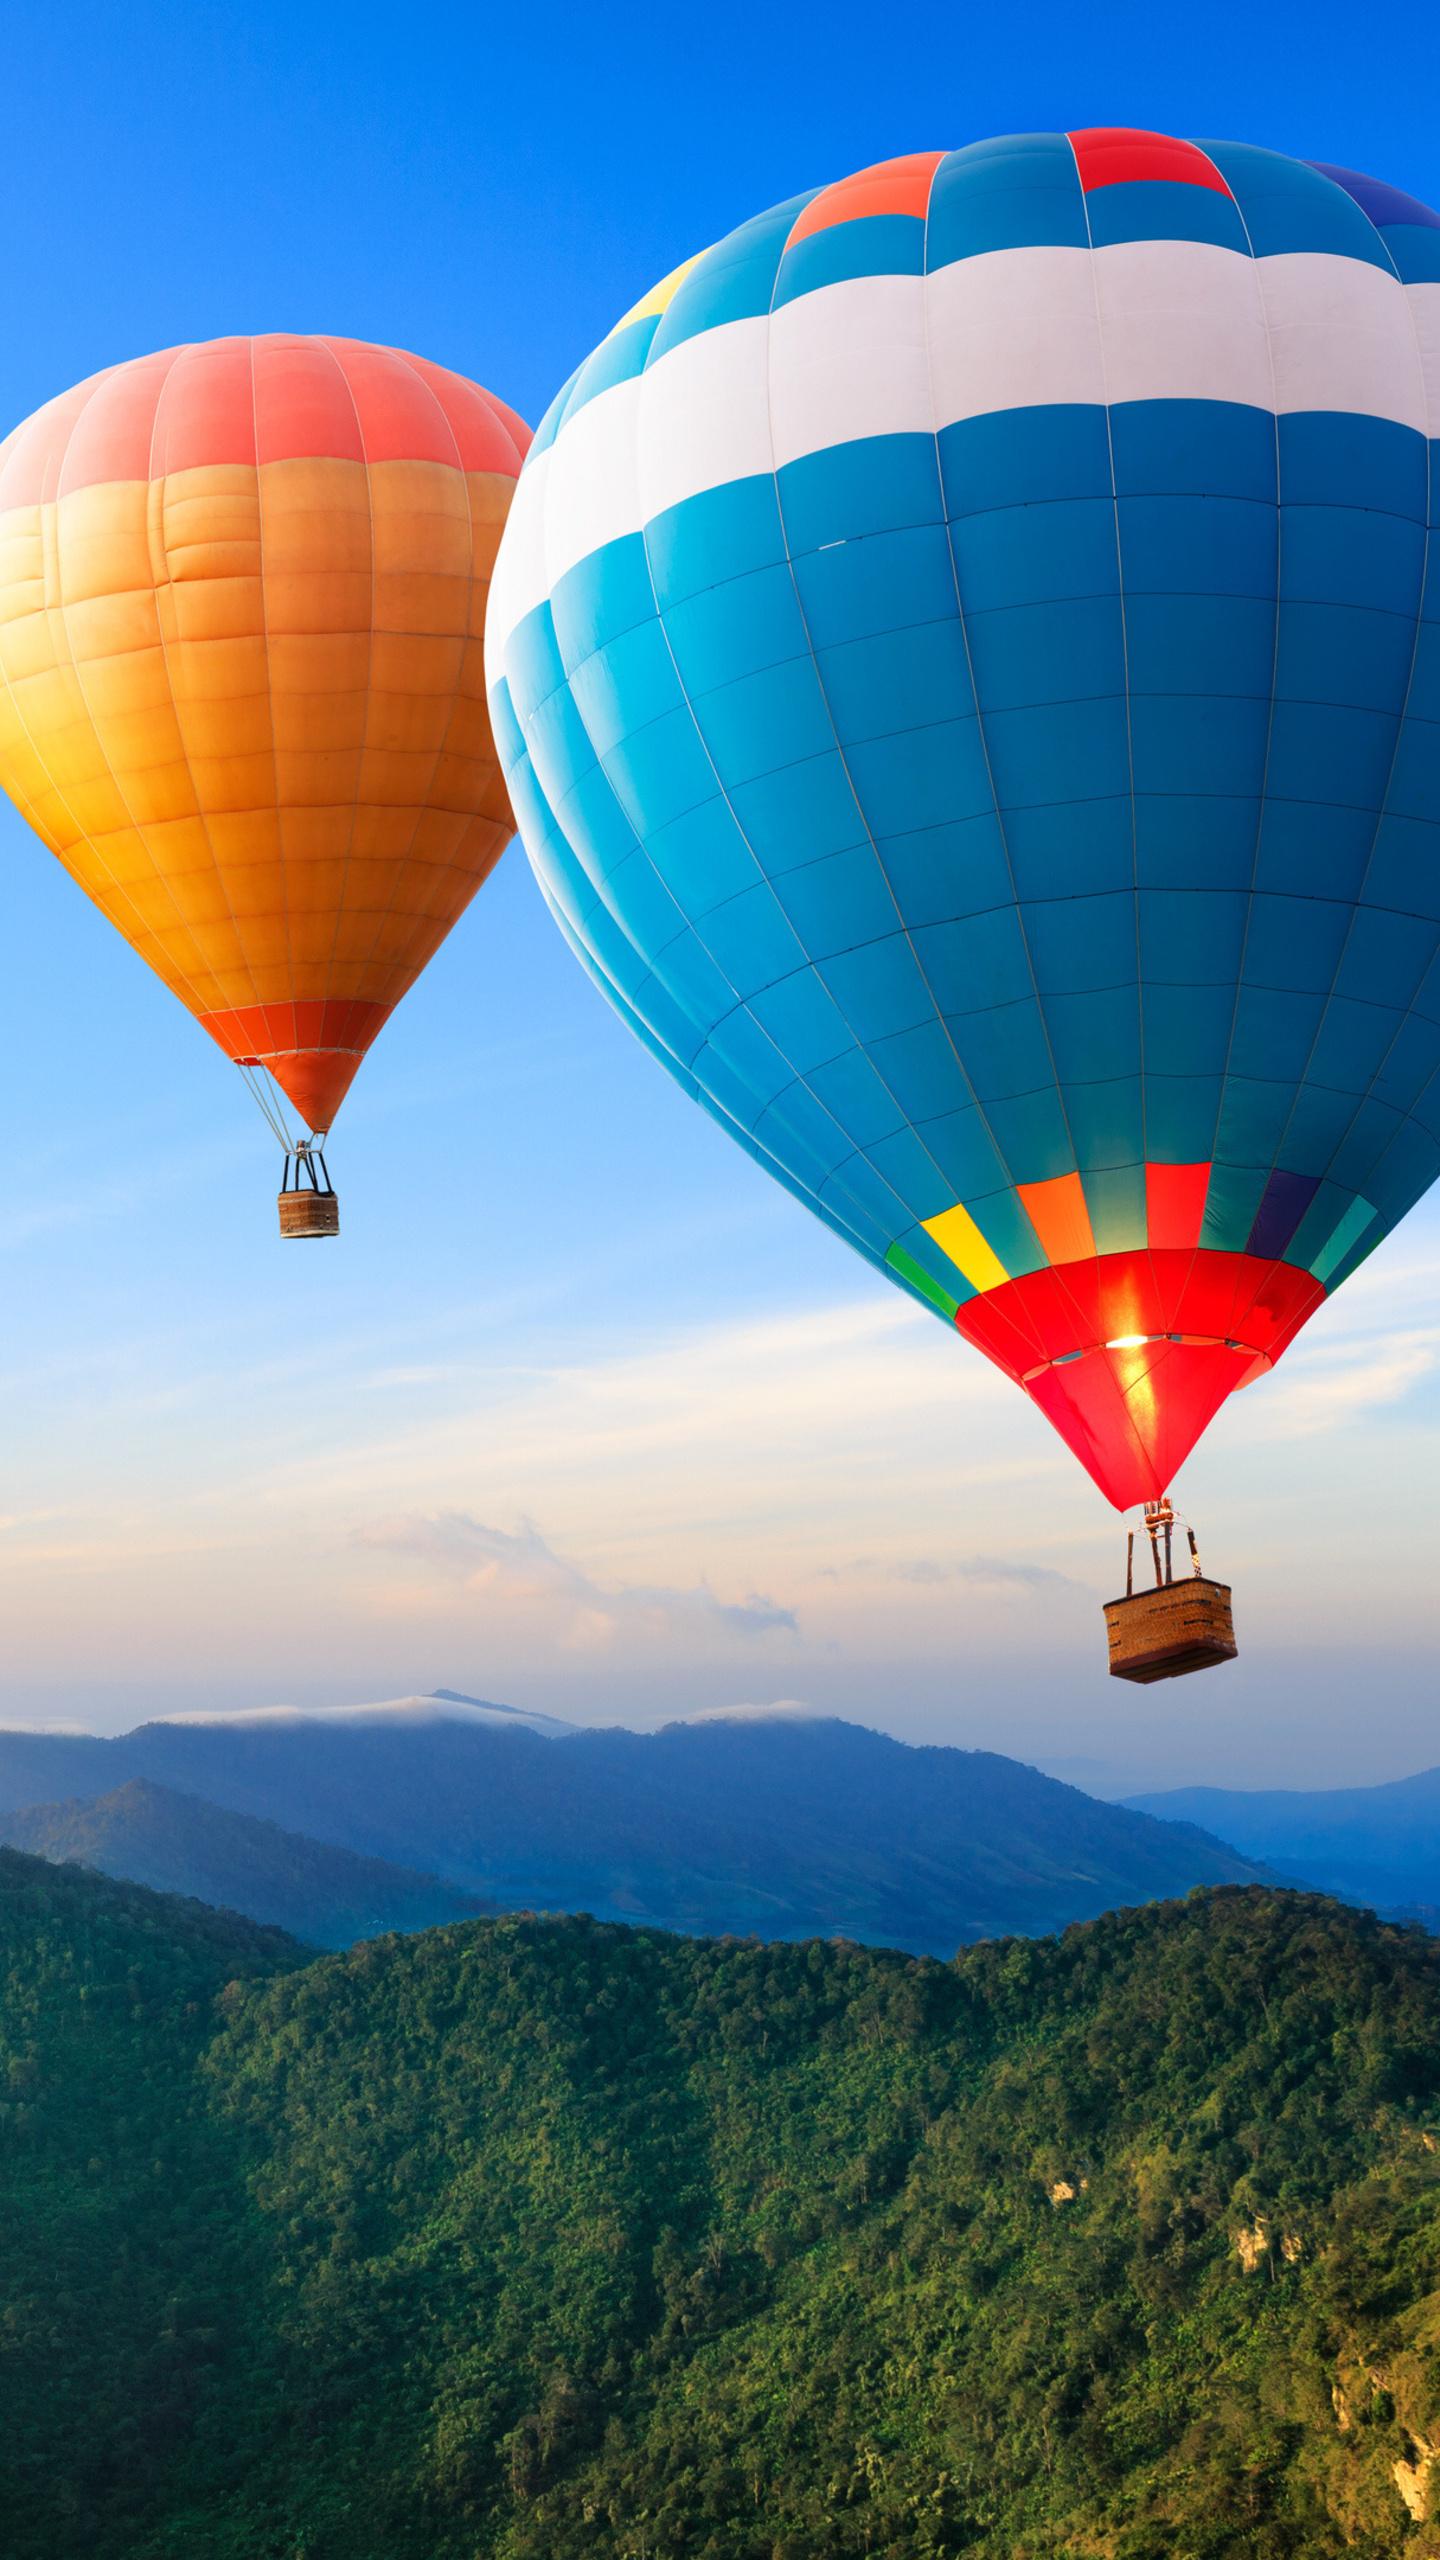 hot-air-balloon-4k-31.jpg